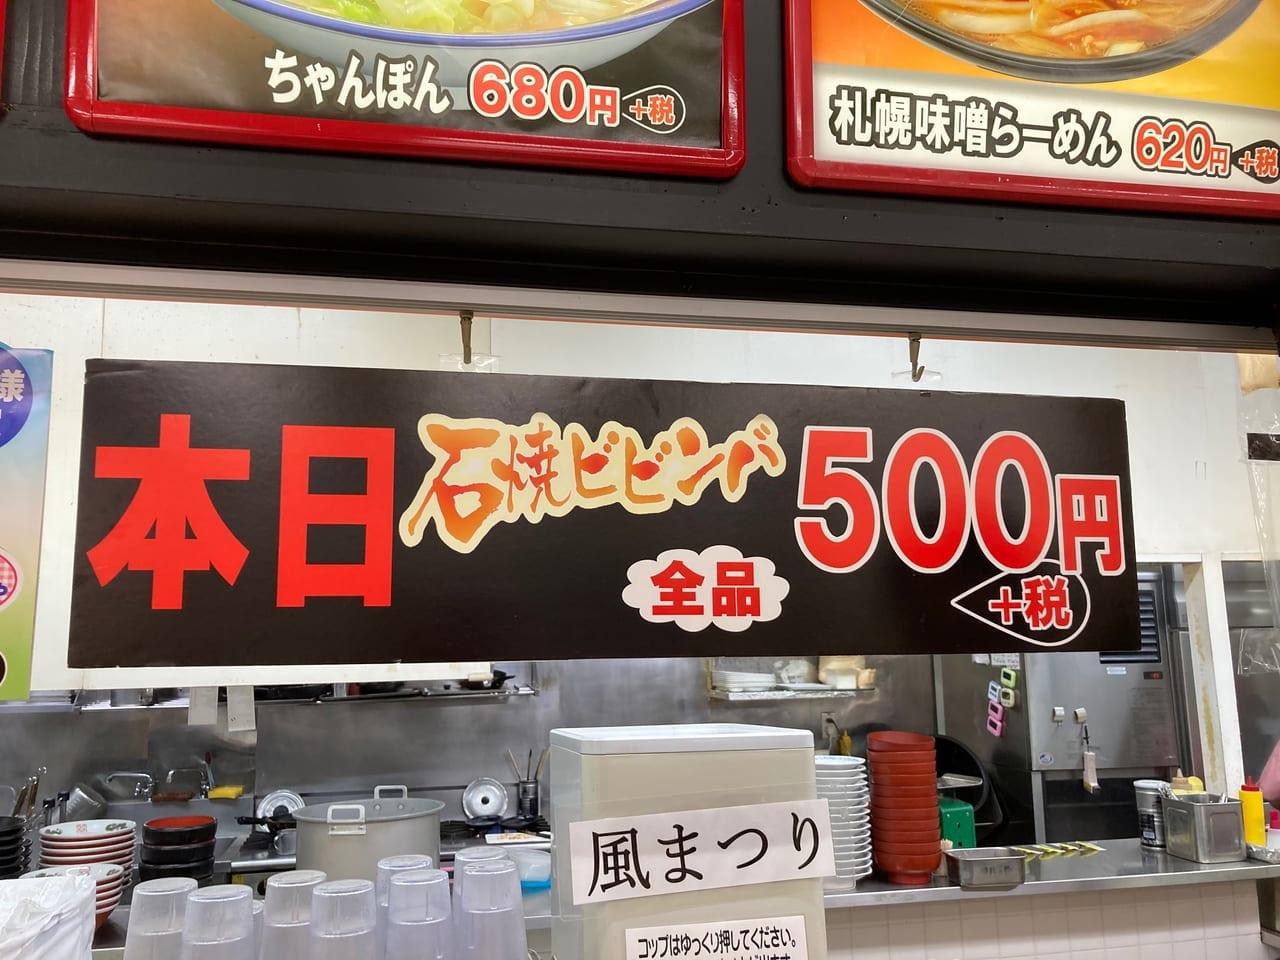 アピタ松阪三雲店2階フードコートの石焼きビビンバ全品500円看板